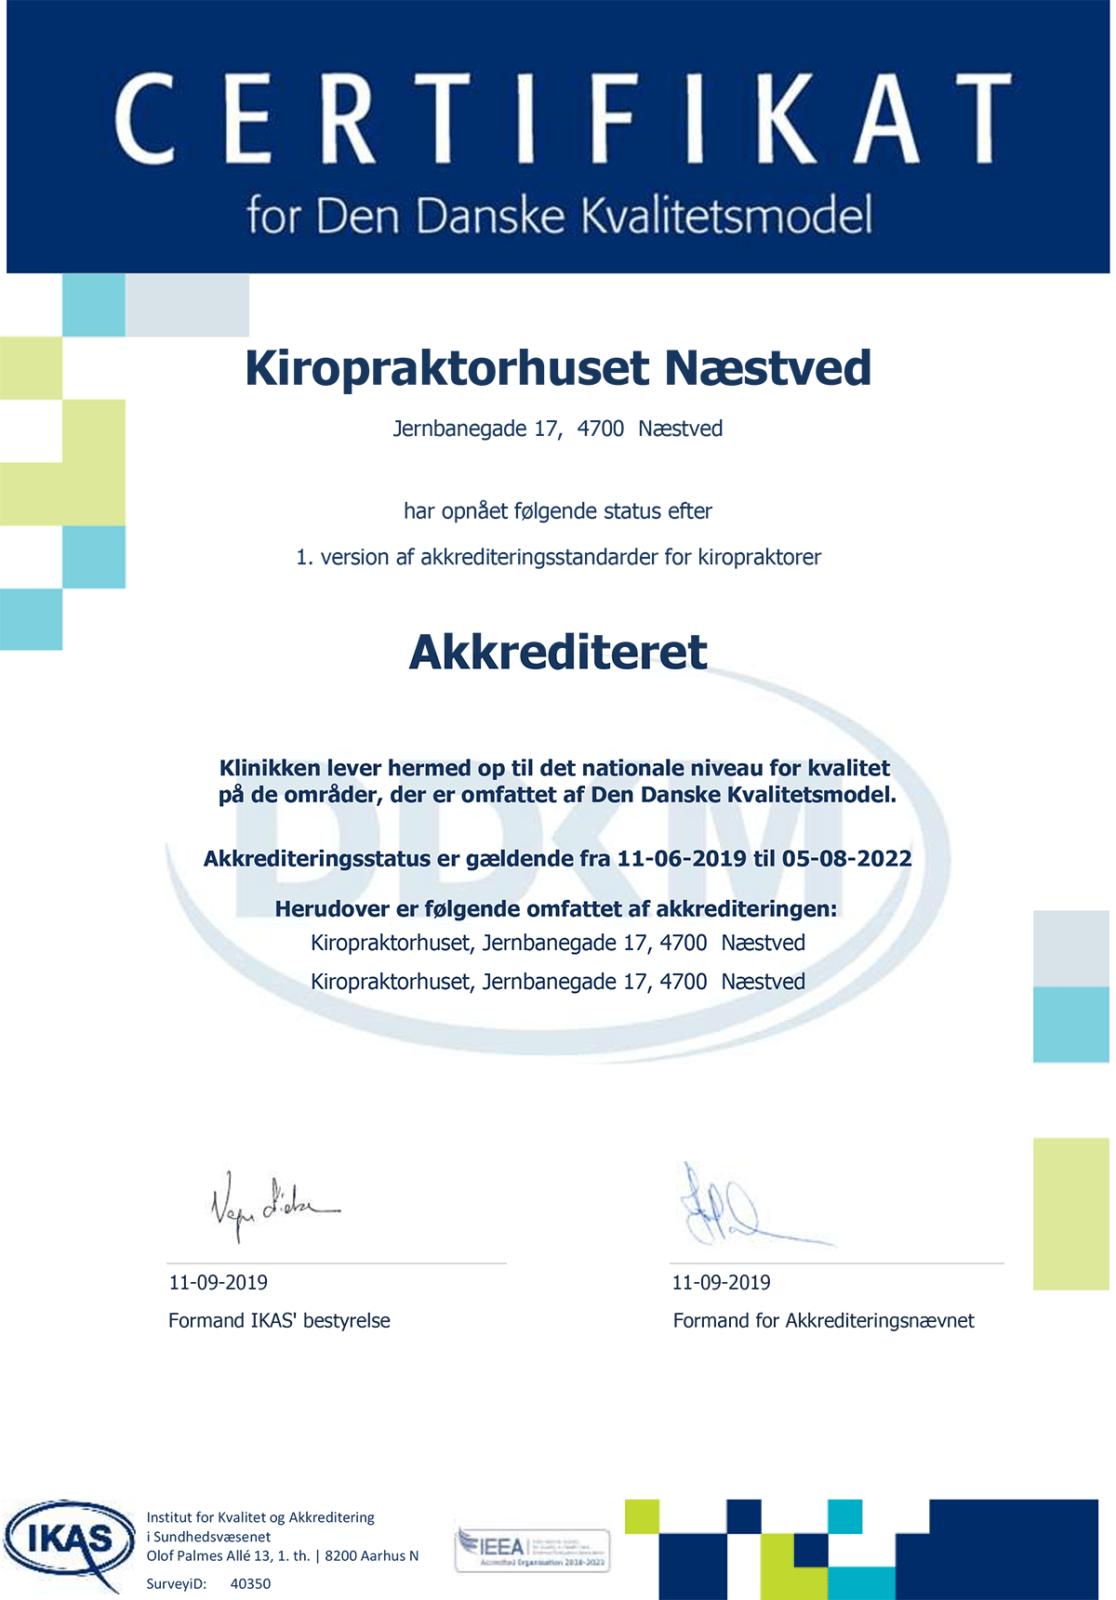 Kiropraktorhuset Næstveds Akkrediterings Certifikat for Den Danske Kvalitetsmodel